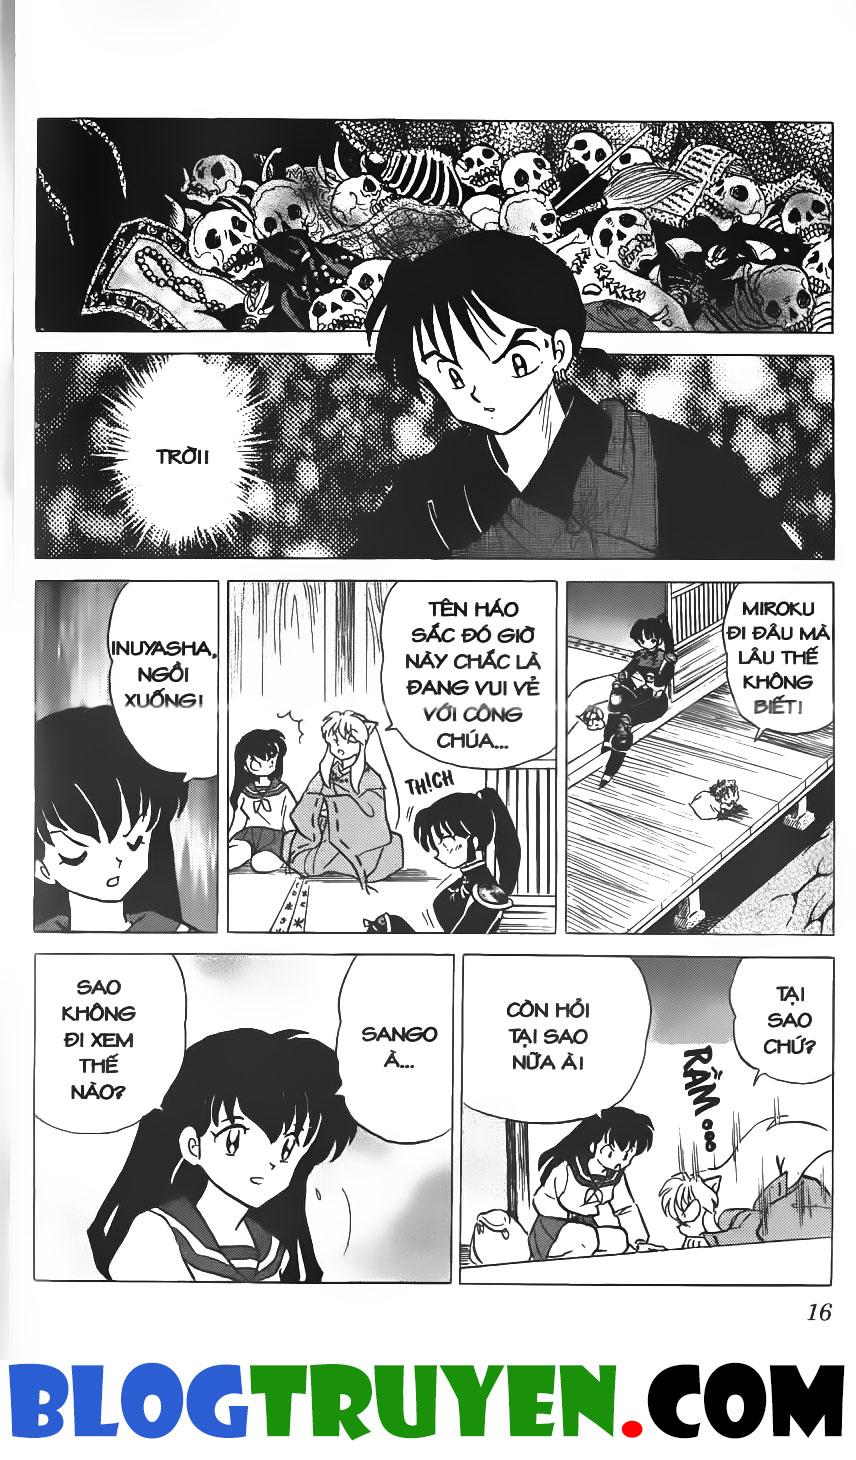 Inuyasha vol 24.1 trang 14